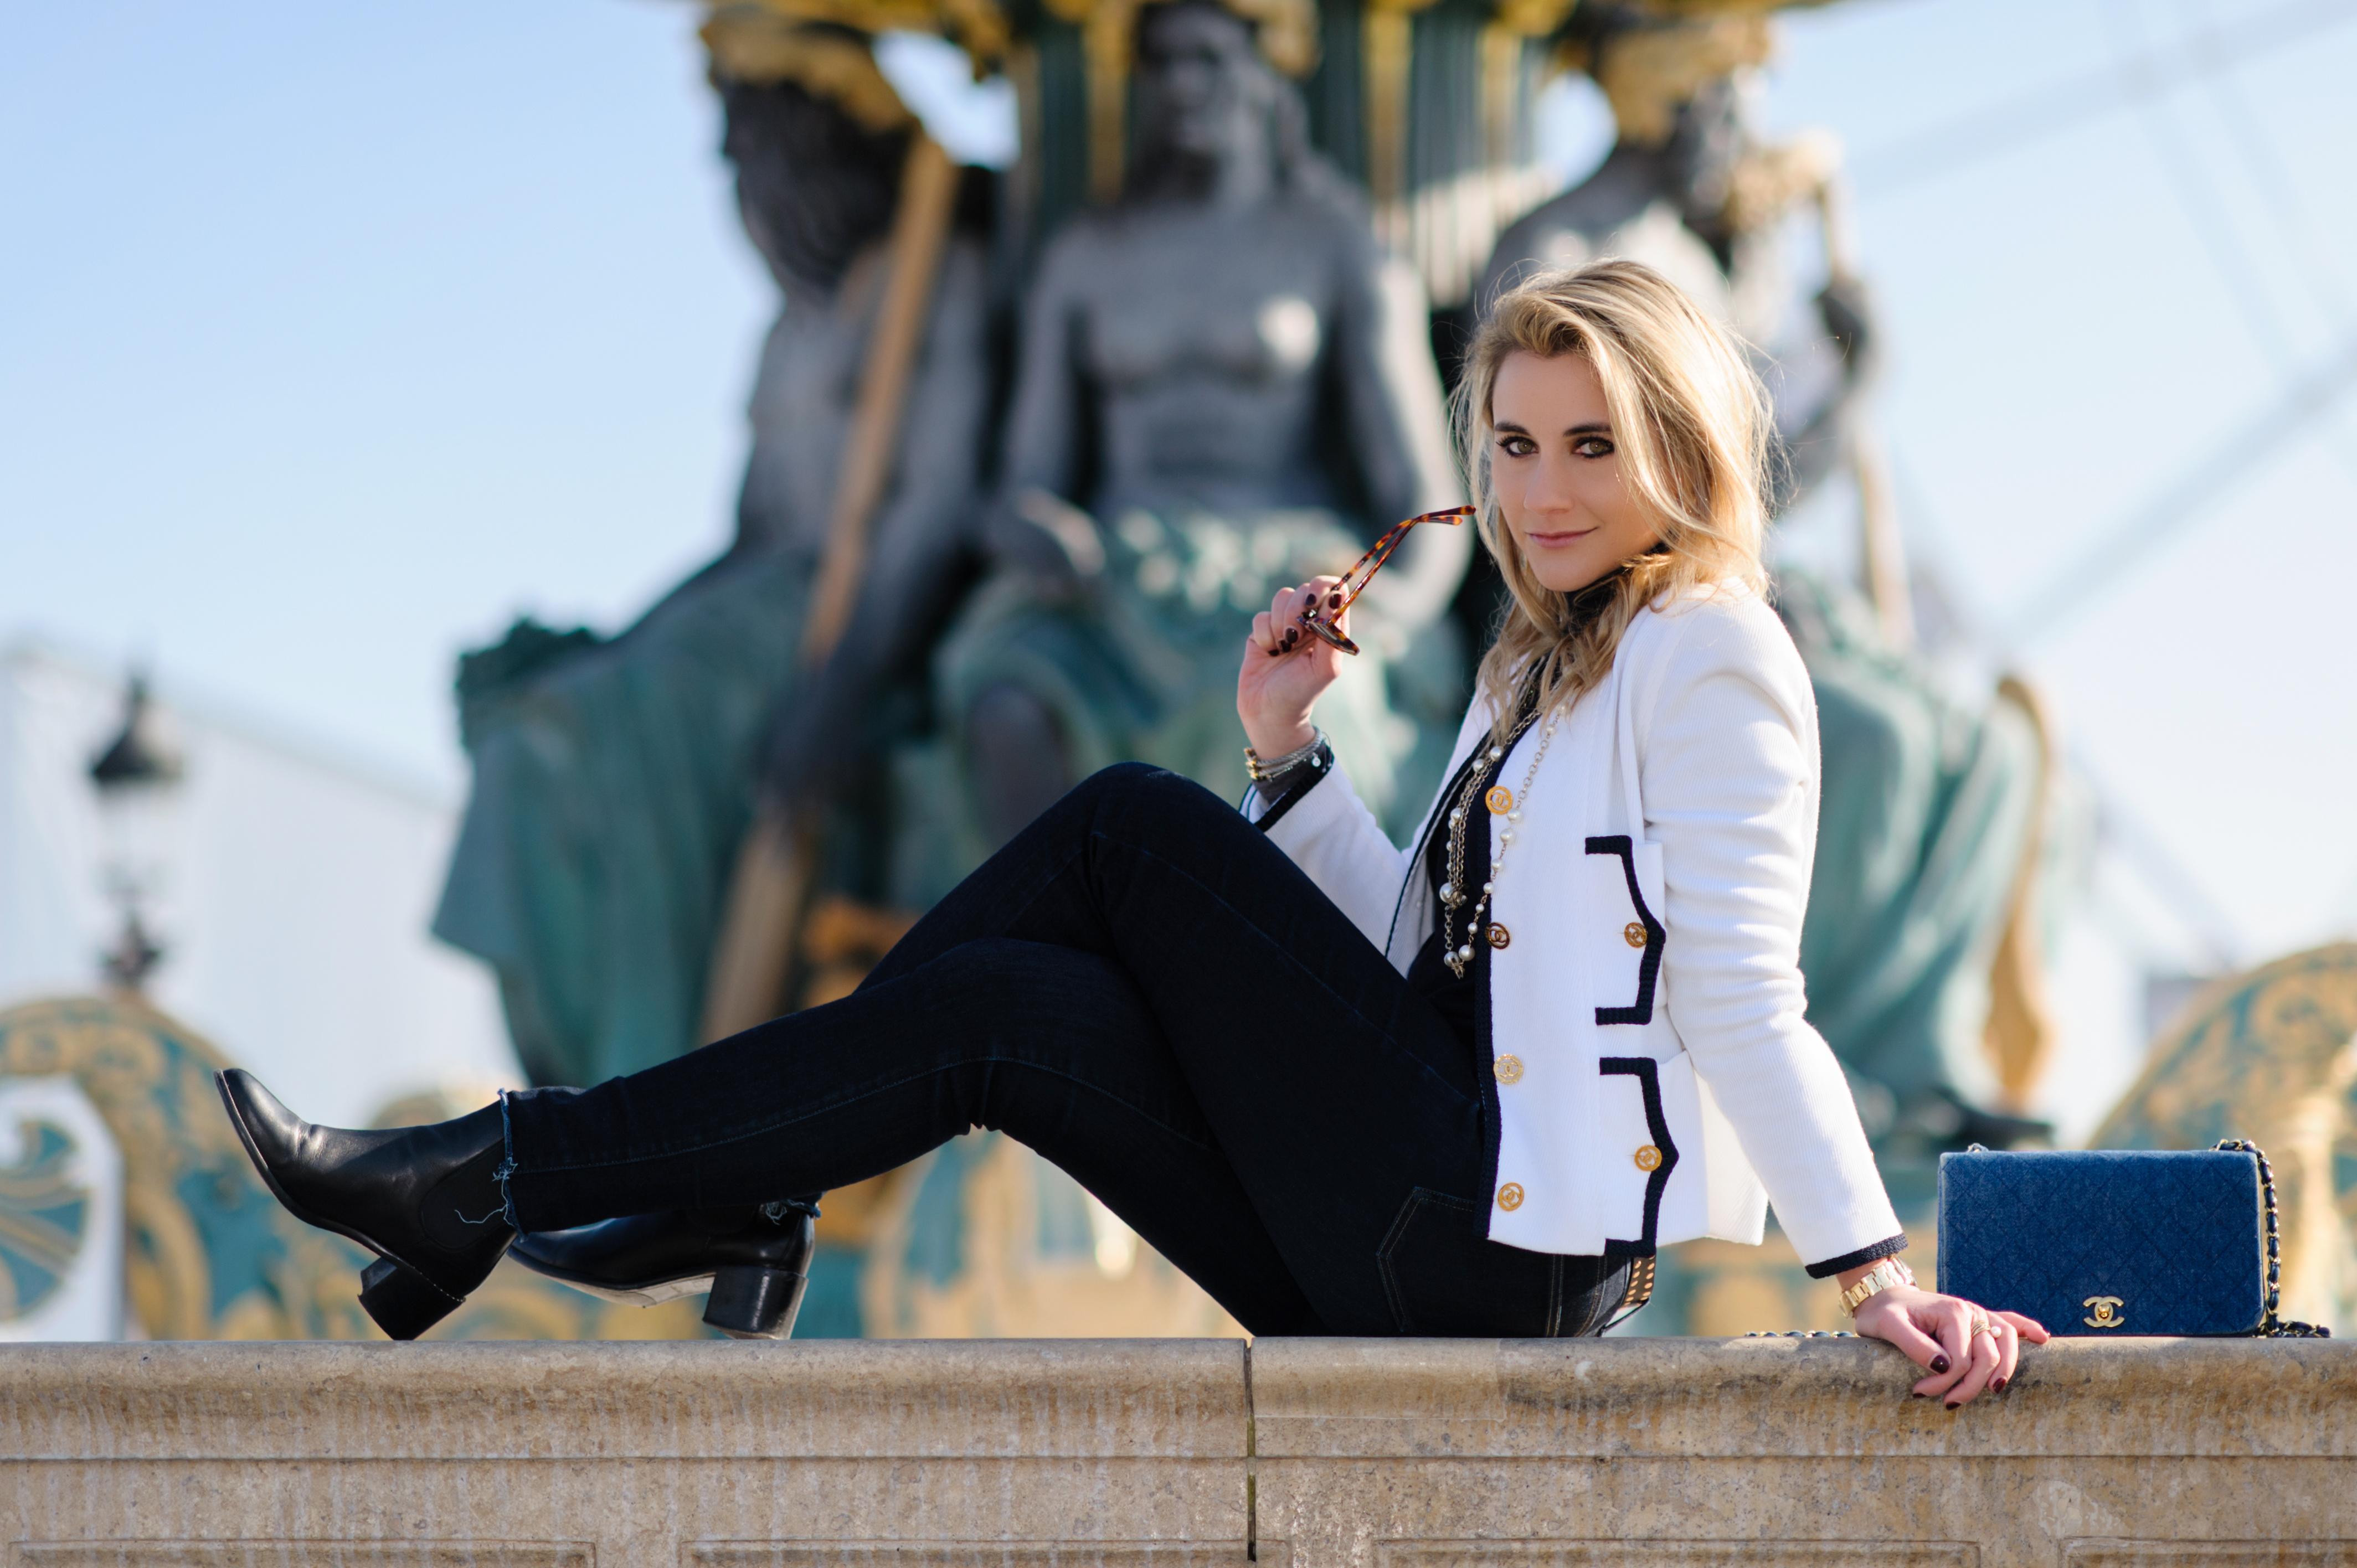 Camille Benaroche, blog mode, camille benaroche, blog beauté, lifestyle, travels, mode, streetstyle, blog mode paris